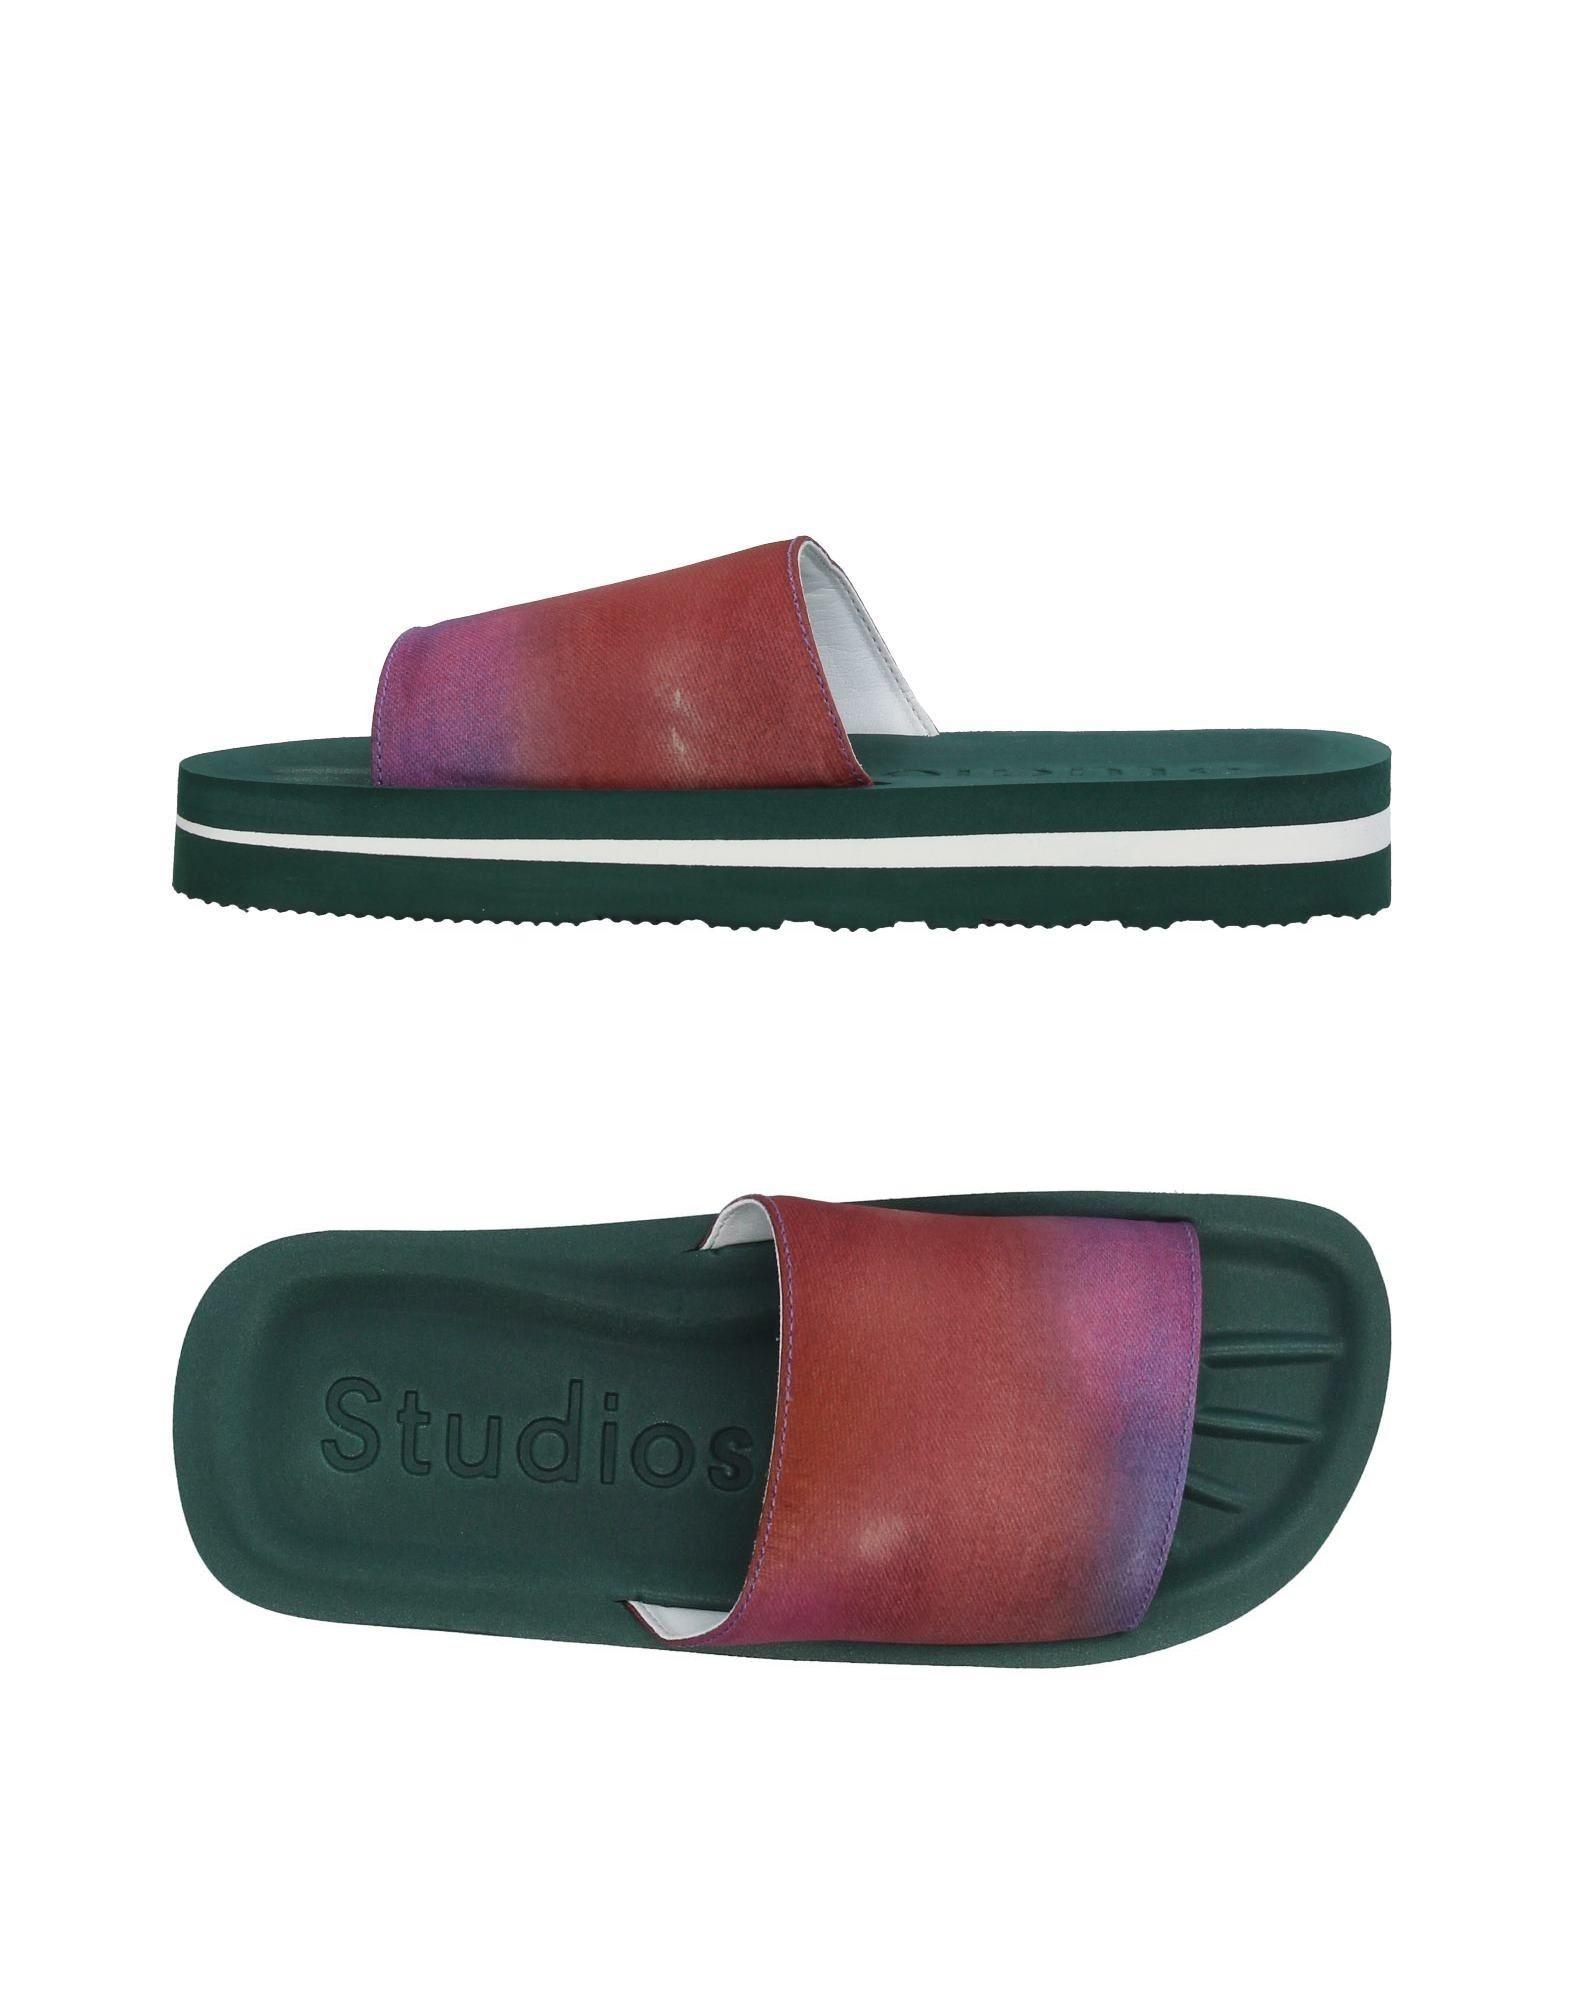 Acne Studios Hausschuhe Damen  11377064XQ Gute Qualität beliebte Schuhe